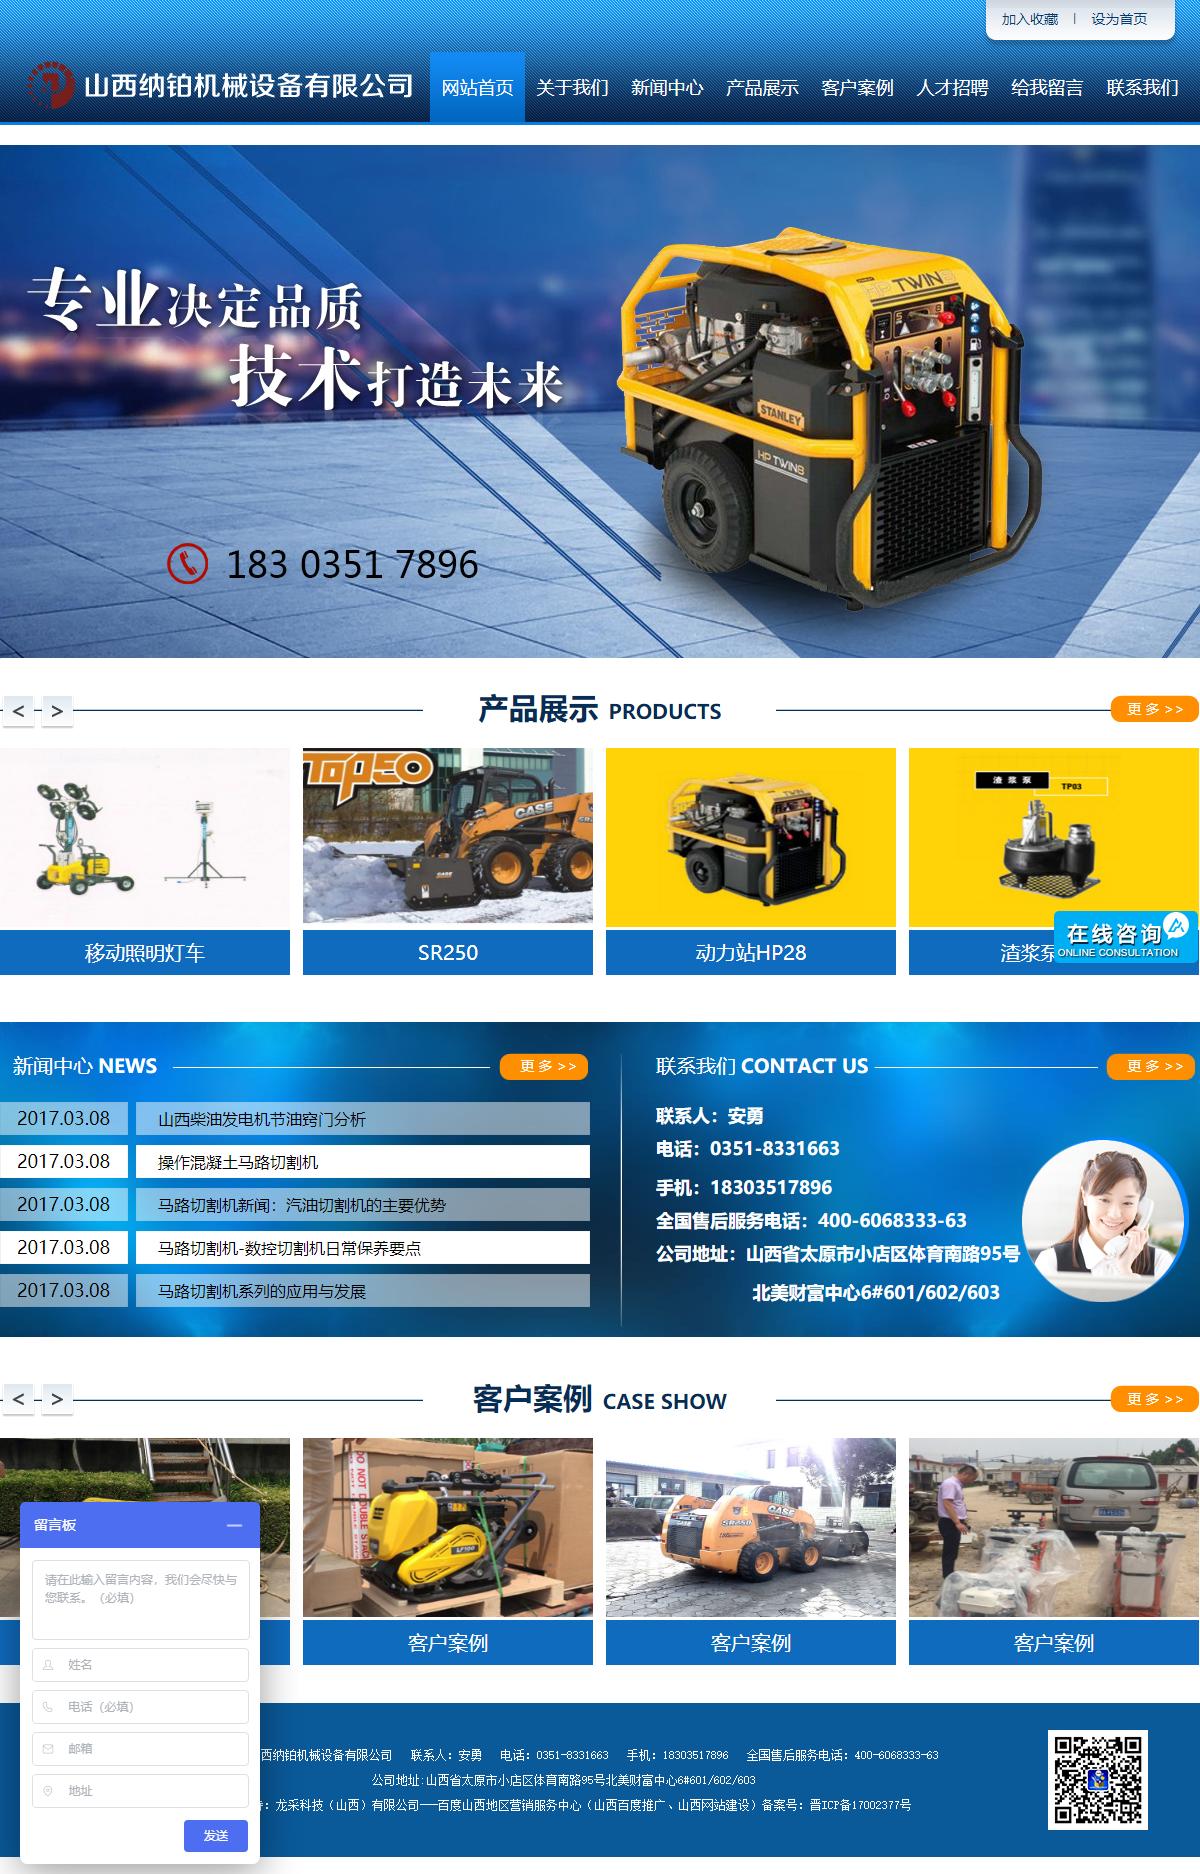 山西纳铂机械设备有限公司网站案例